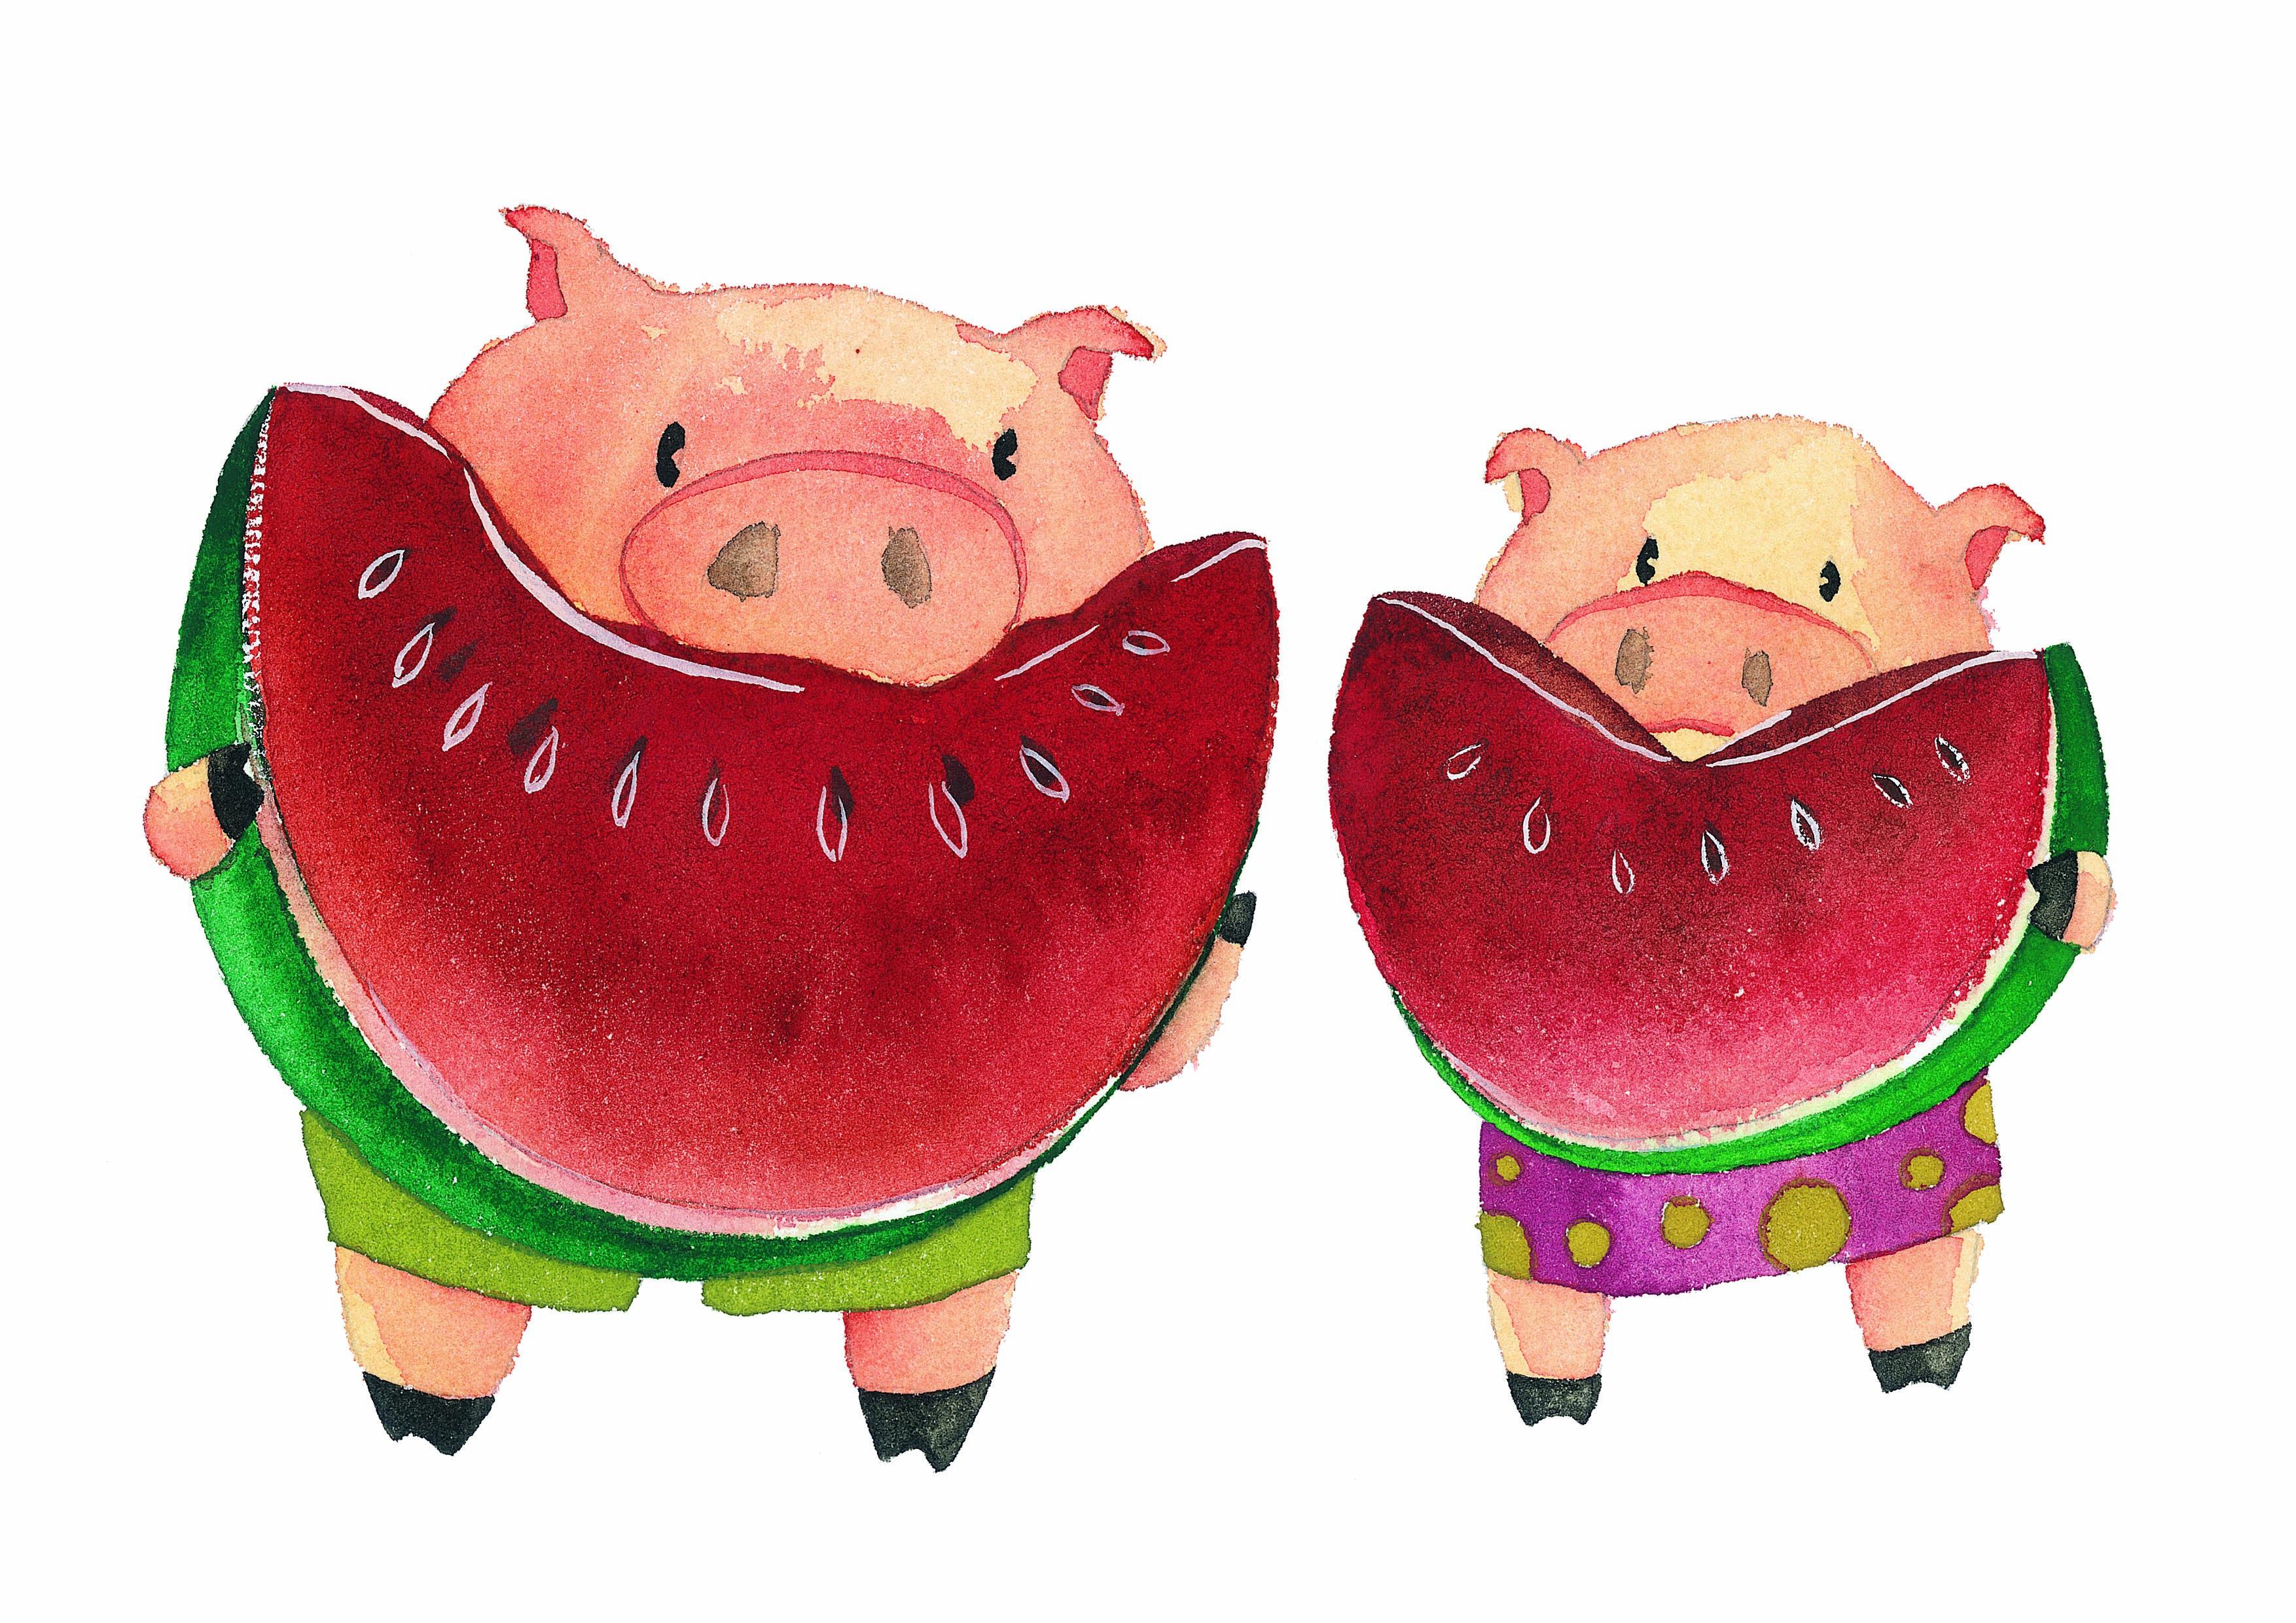 тут приходится свинья в арбузах картинки рецепт фото ванильных